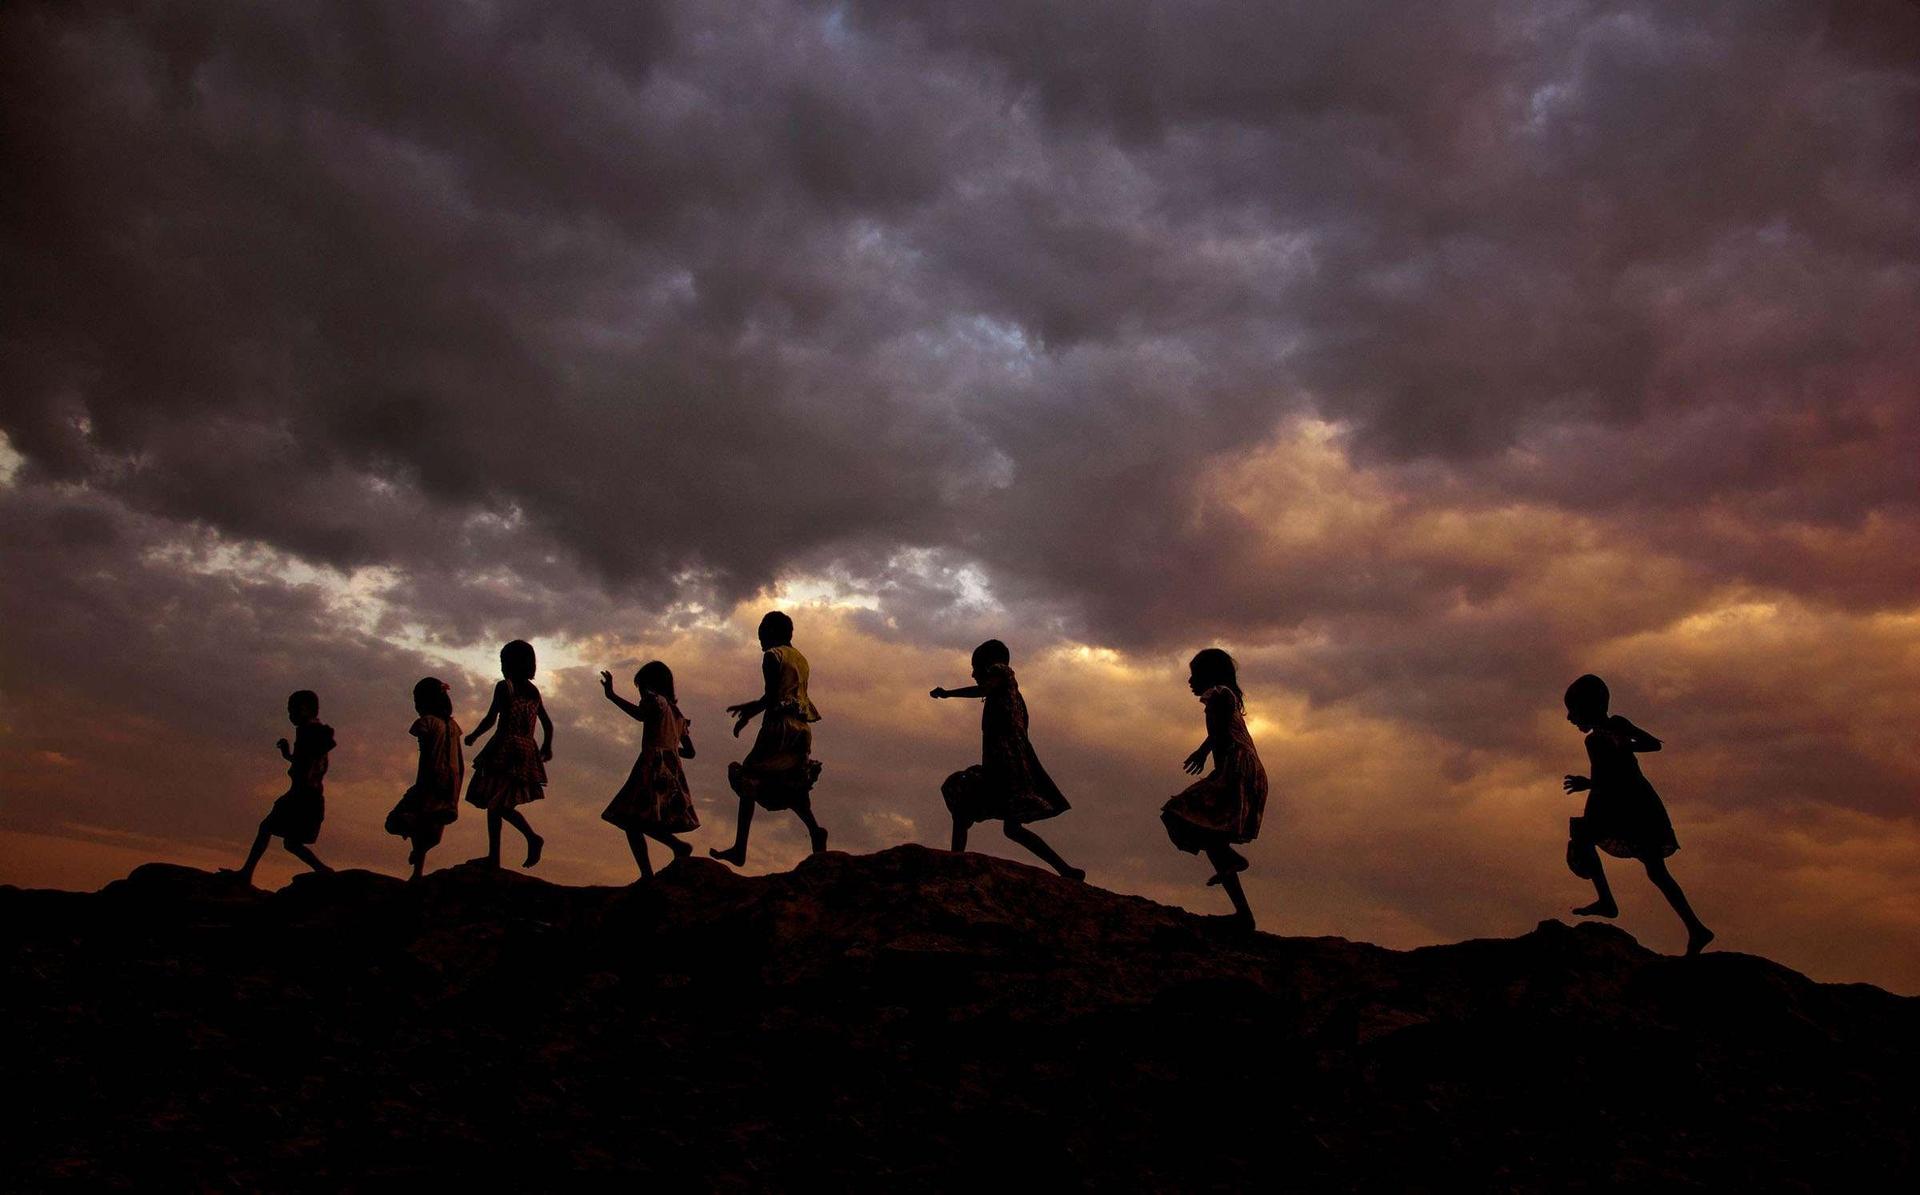 Photograph by Rajdeep Saha